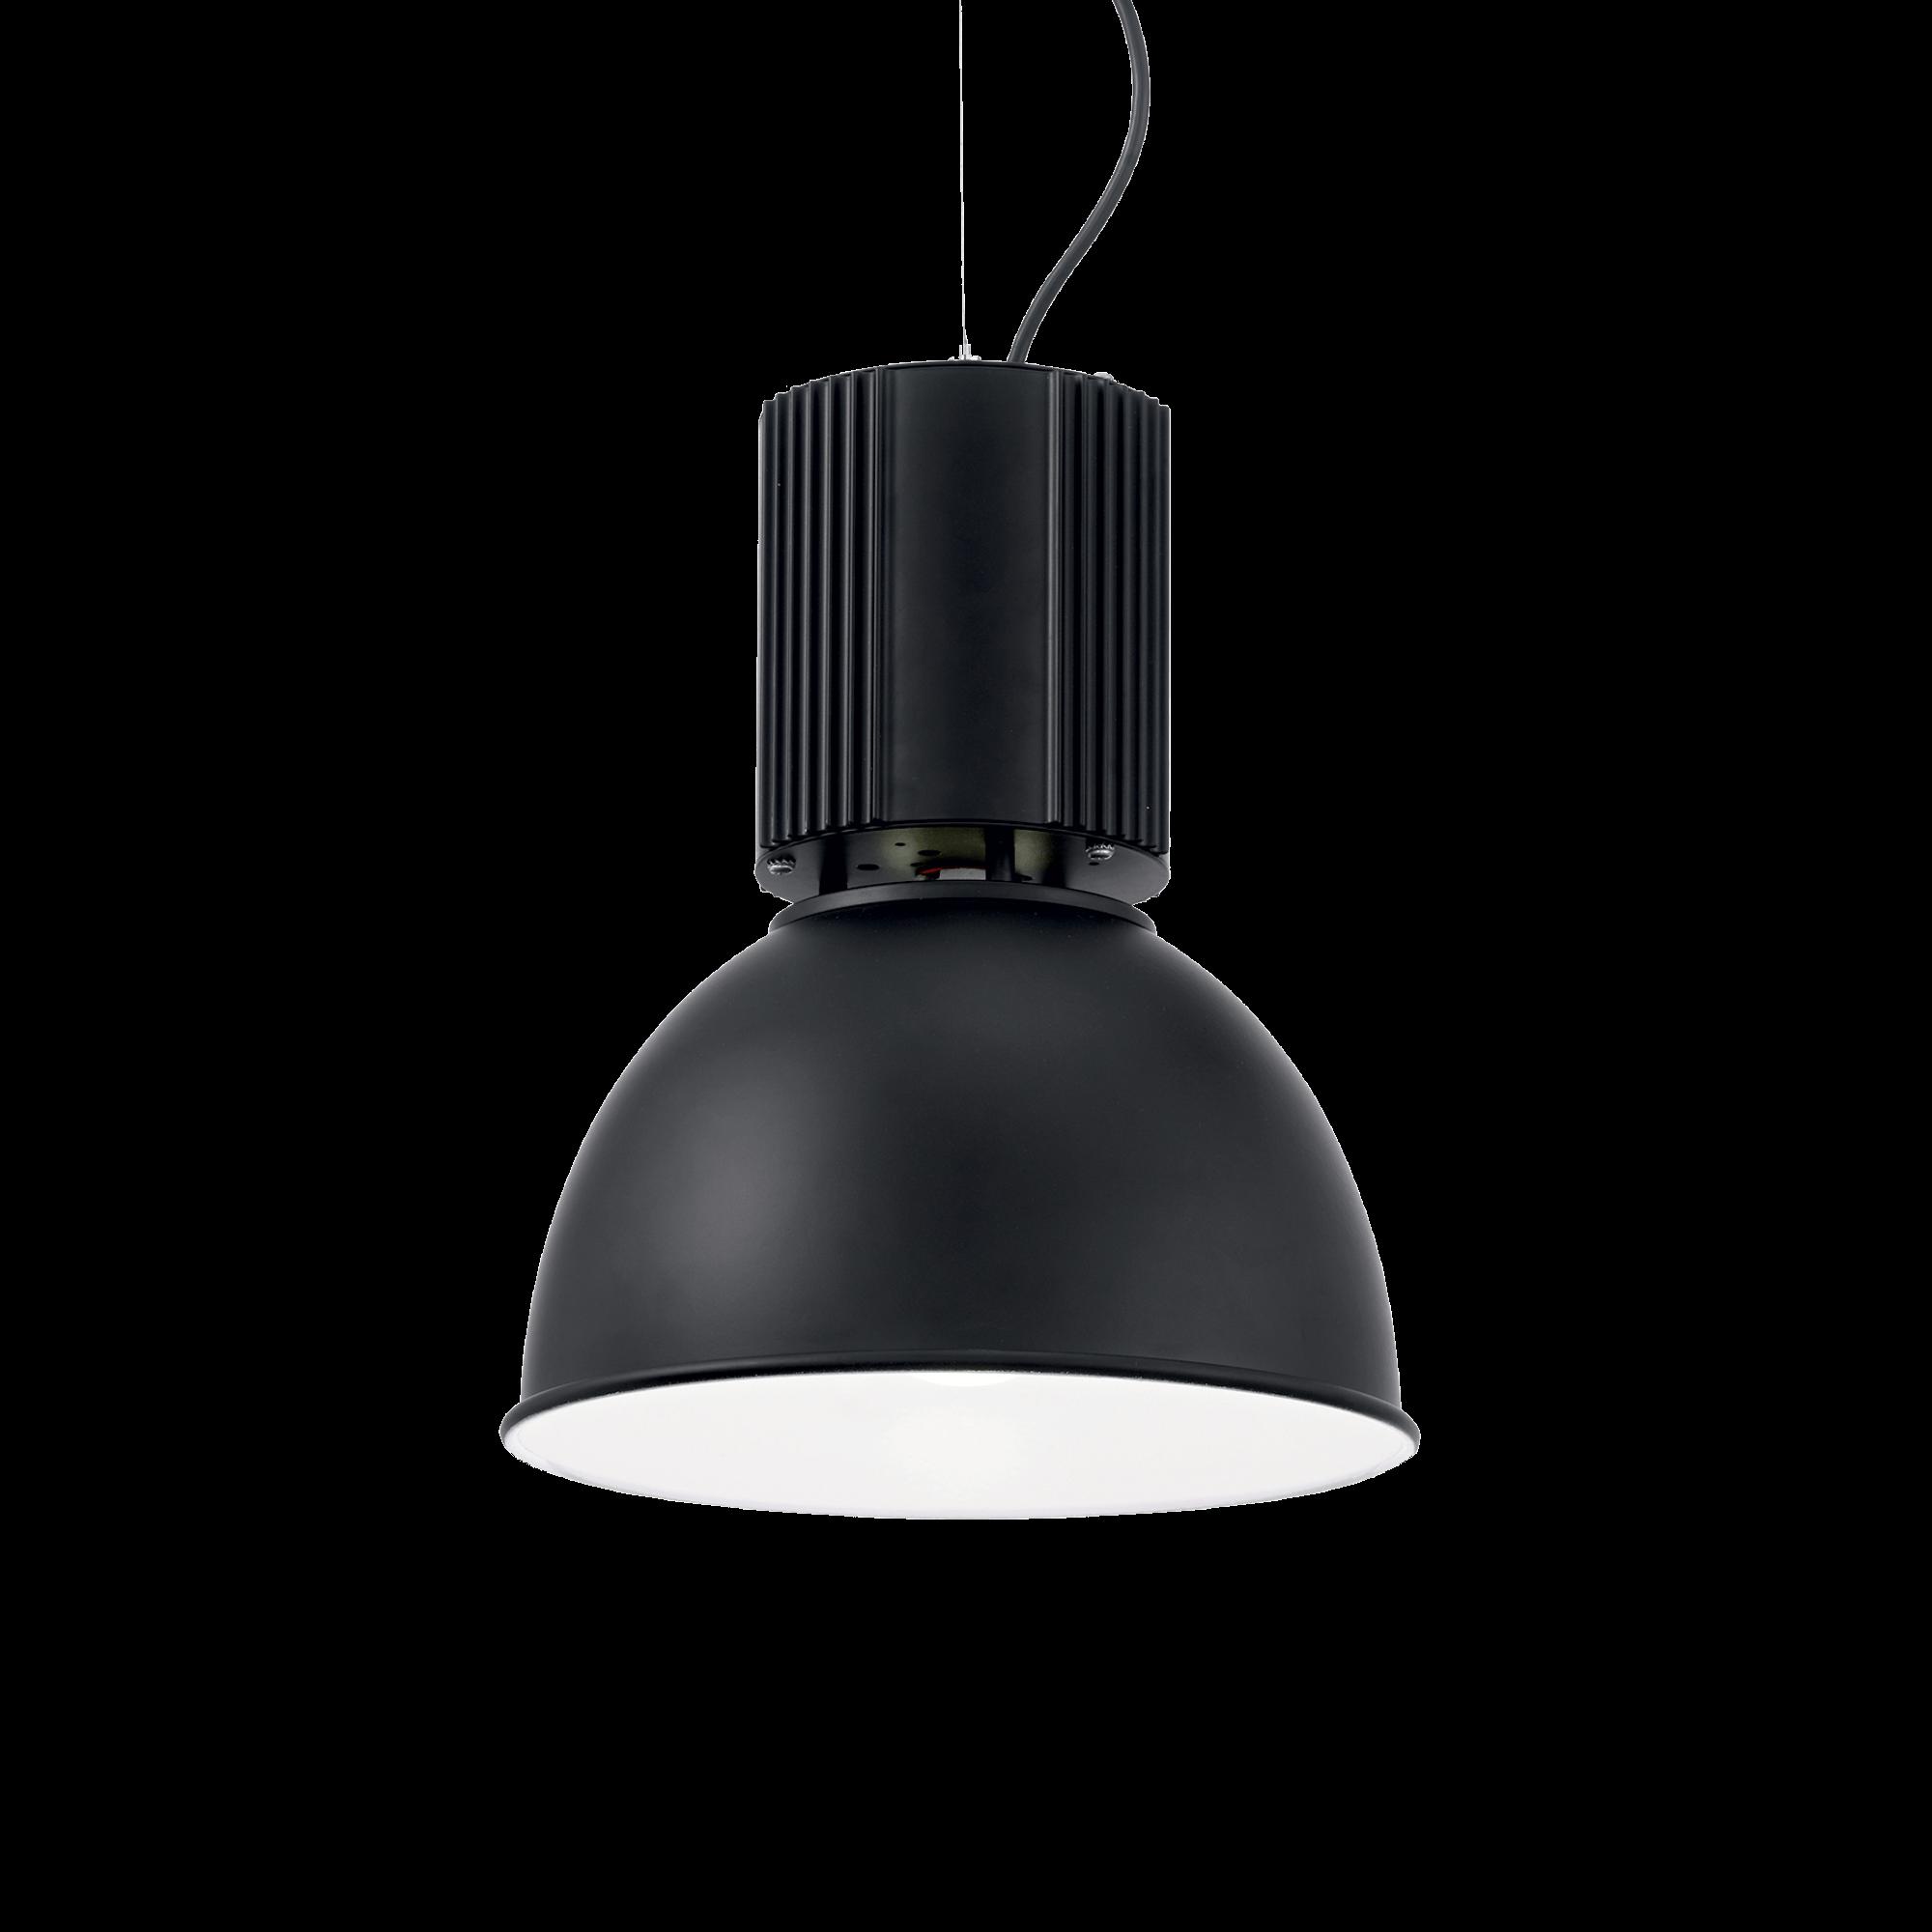 Ideal Lux 100333 Hangar SP1 Nero lámpa függeszték